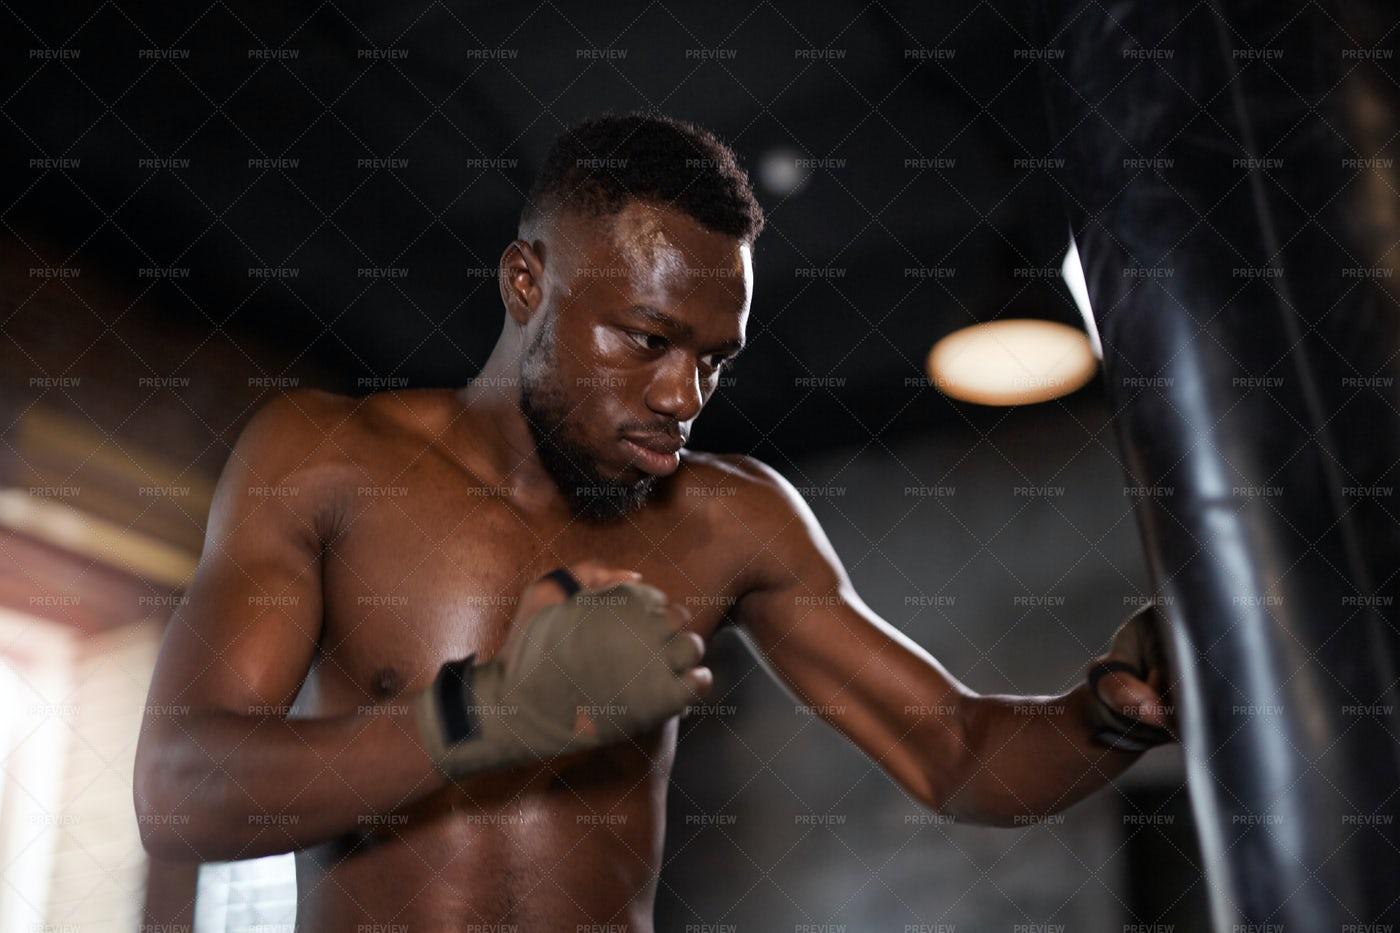 Boxer Punching Bag In Gym: Stock Photos